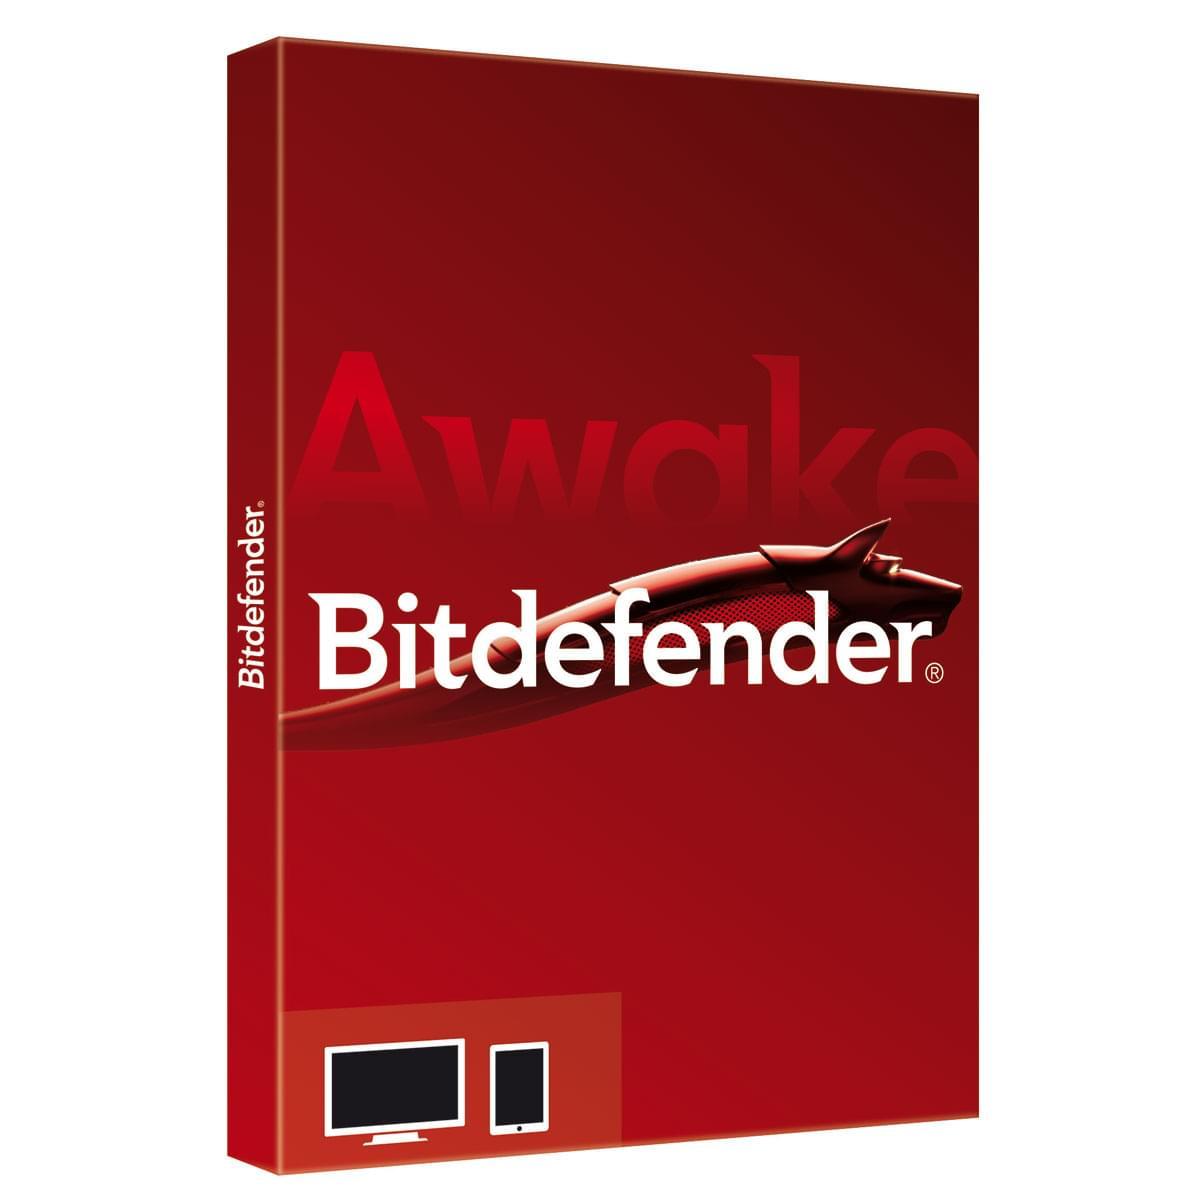 Bitdefender Antivirus Plus 2013 - 1 an - 10 postes - Logiciel sécurité - 0